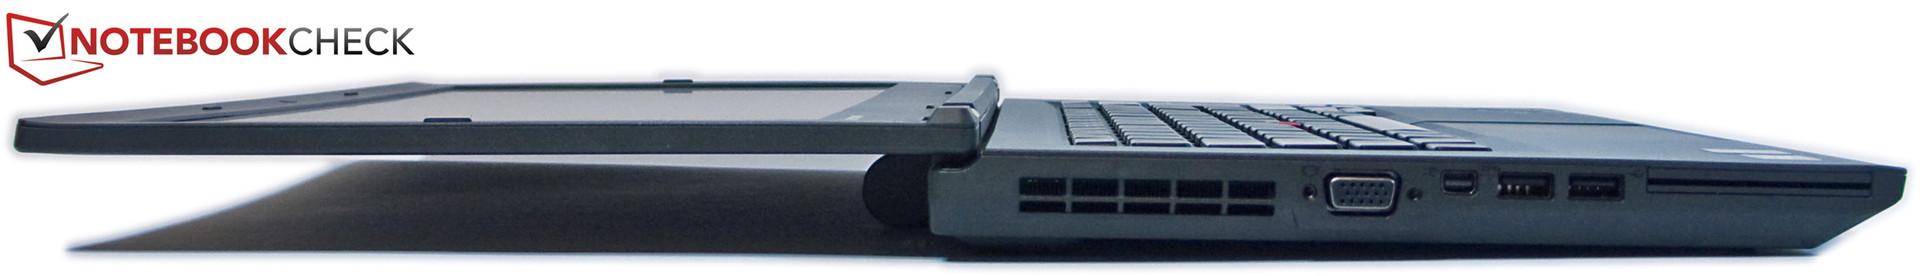 Service manual lenovo l440